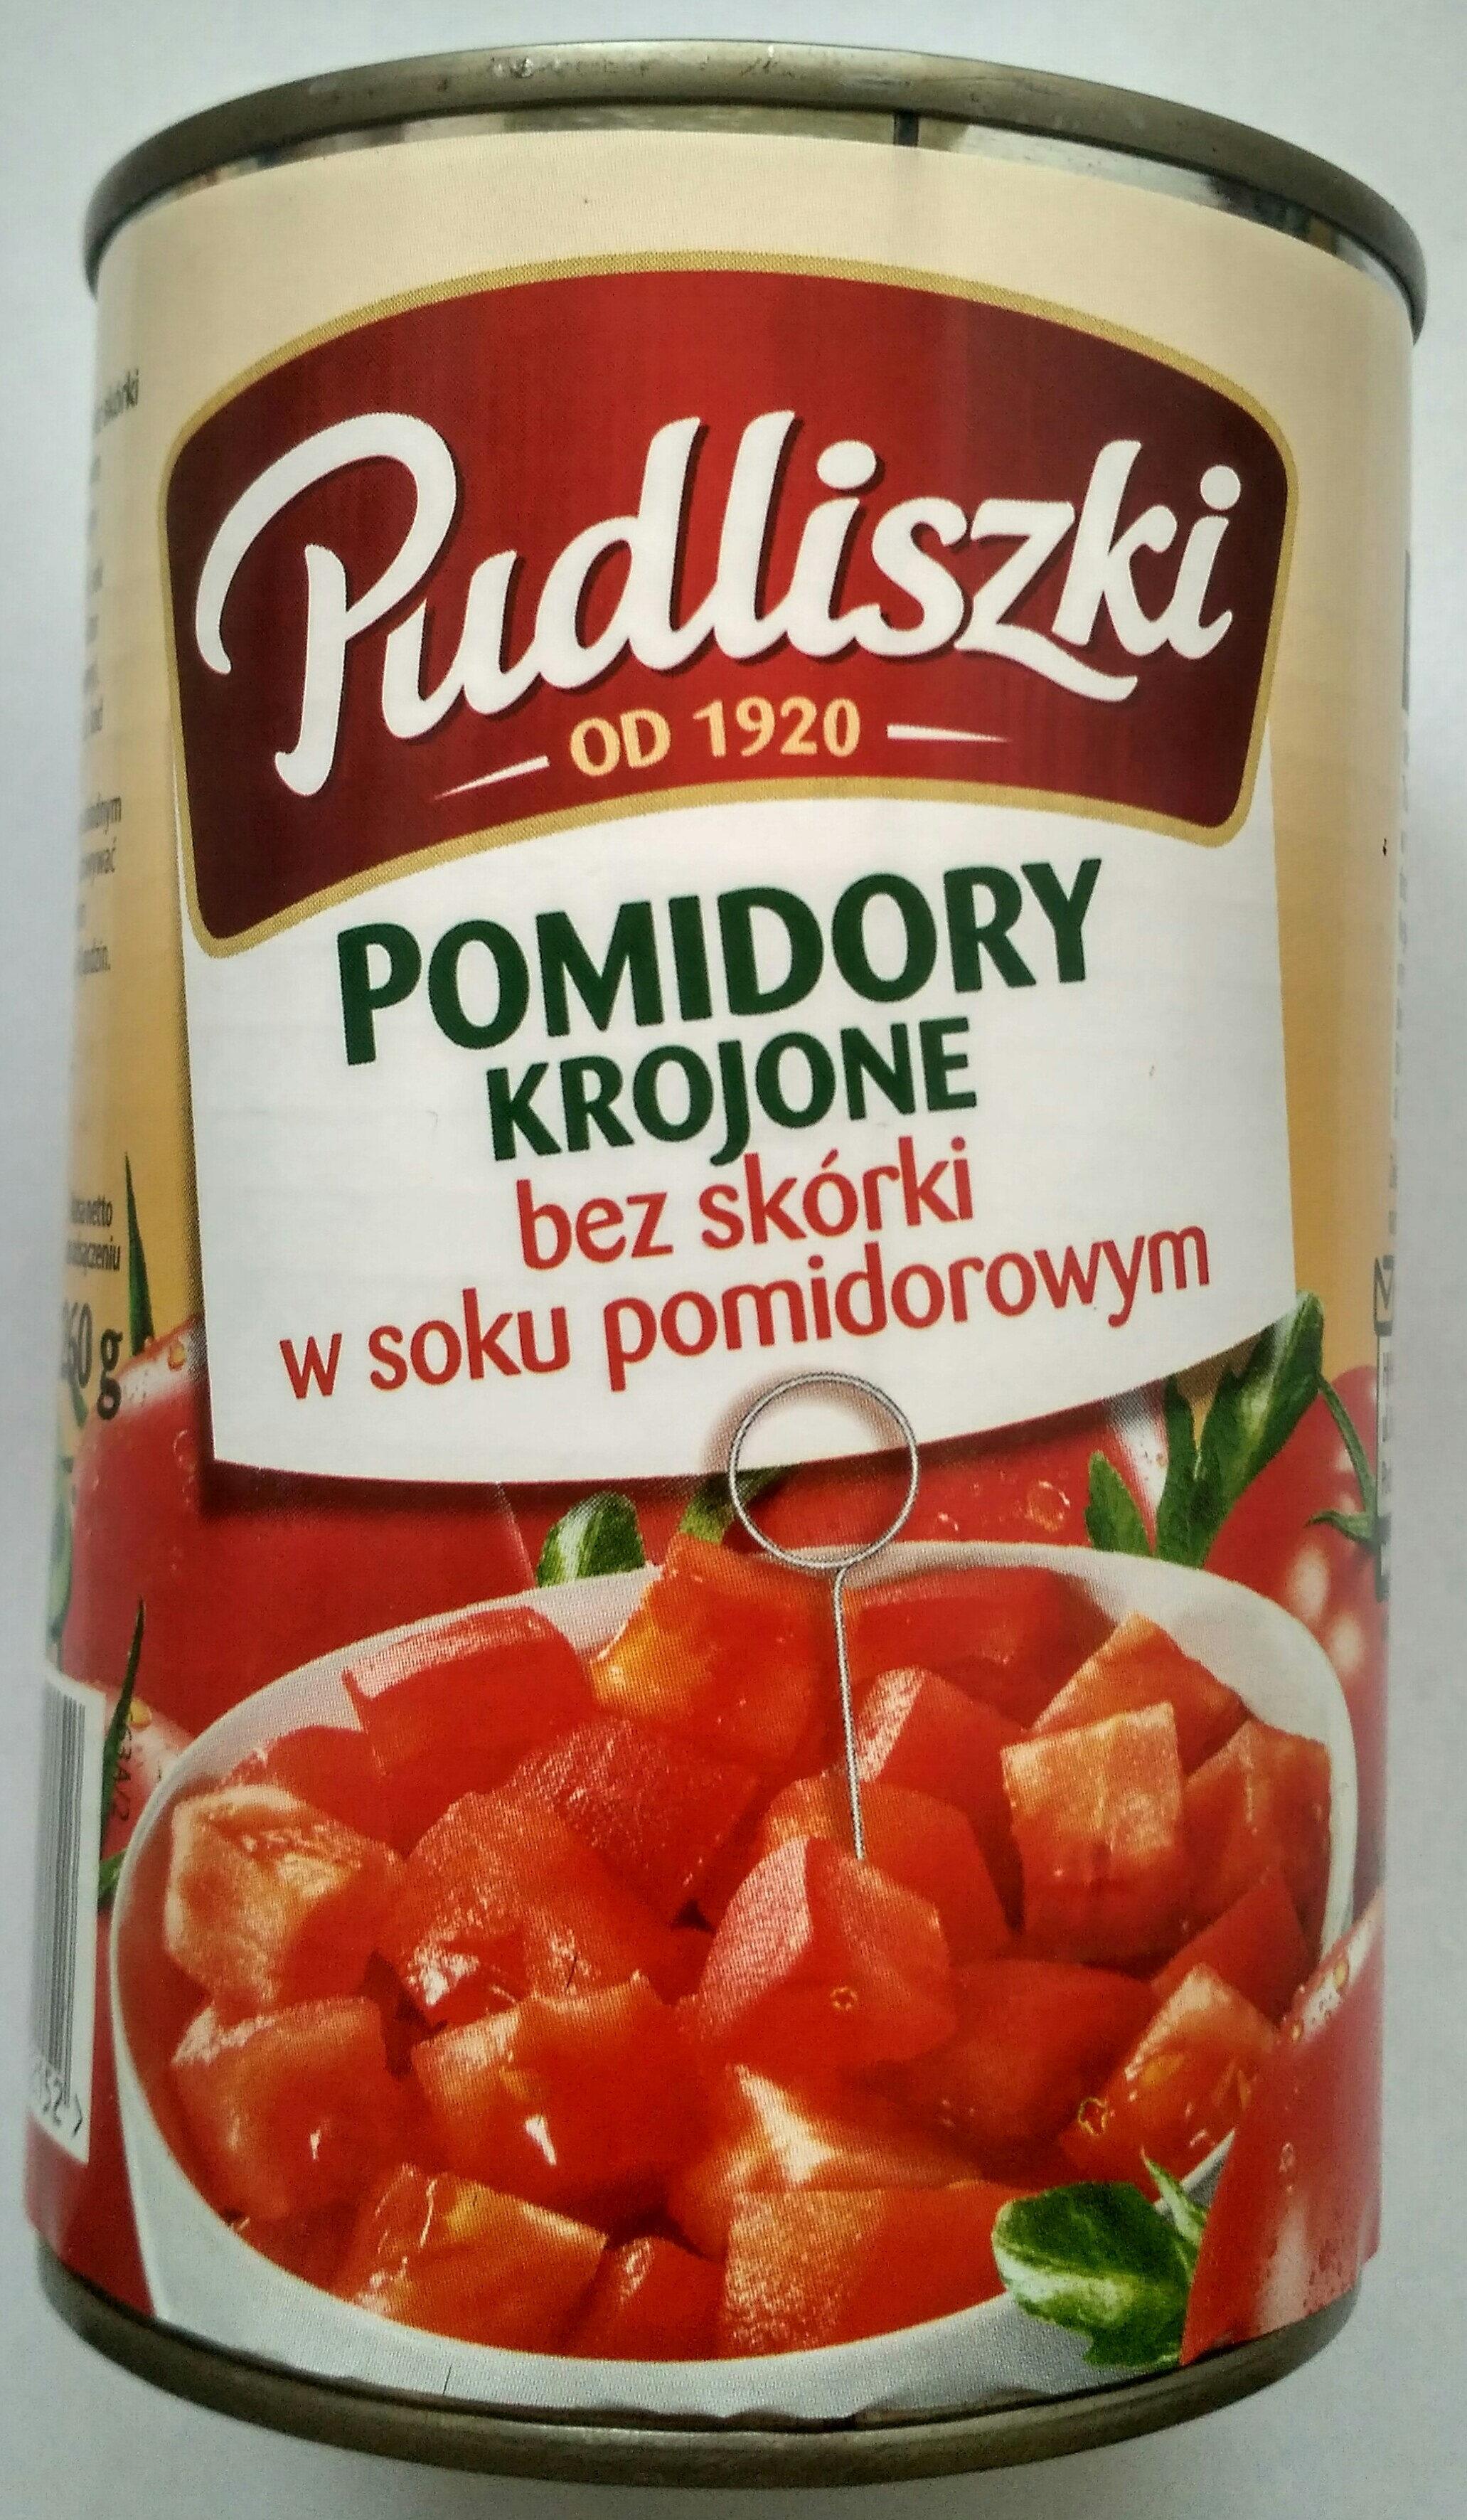 Pomidore krojone bez skórki w sosie pomidorowym. - Produkt - pl